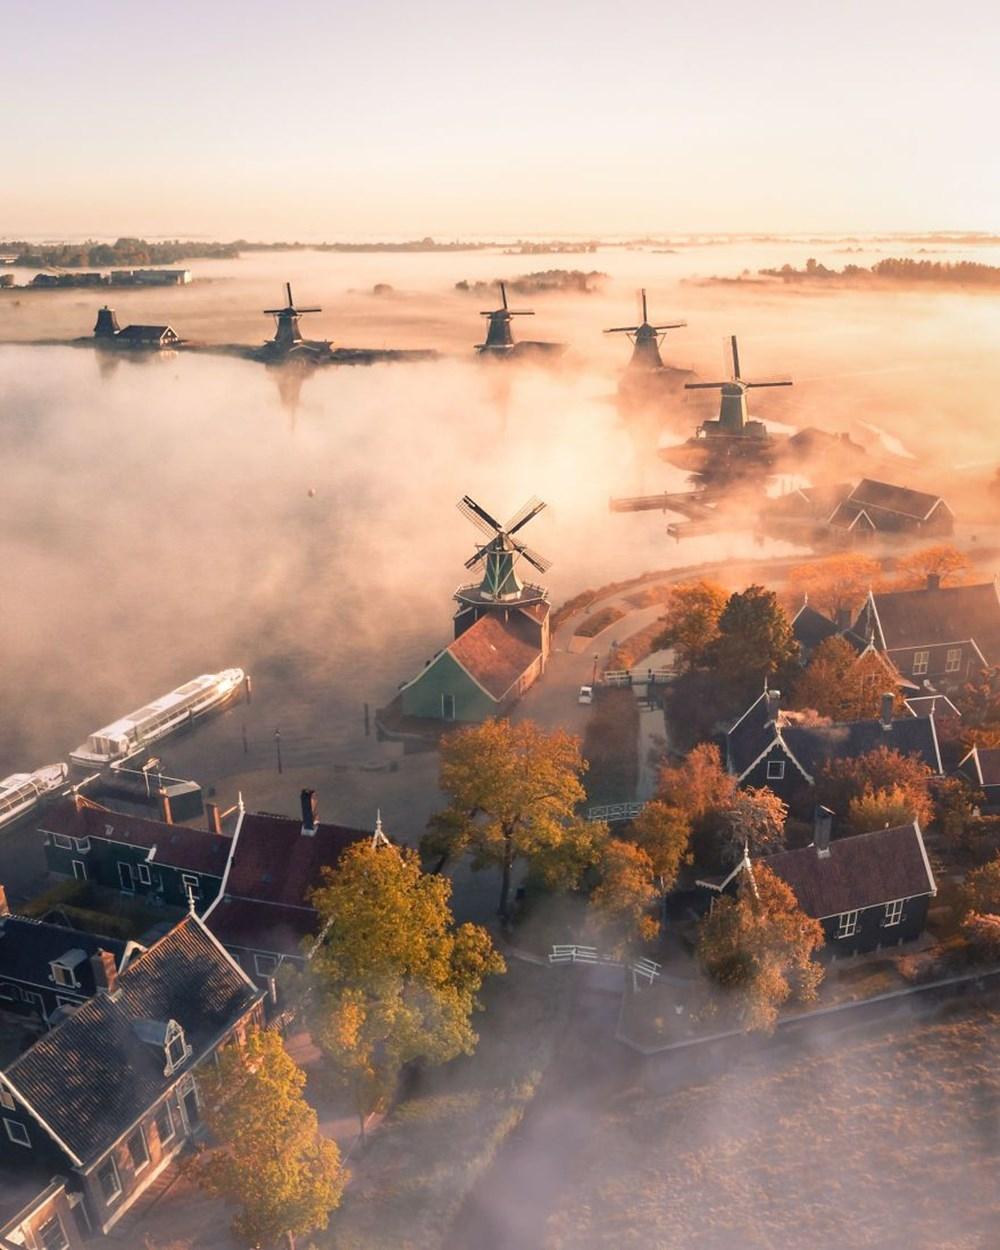 2020'nin en iyi hava fotoğrafları 1